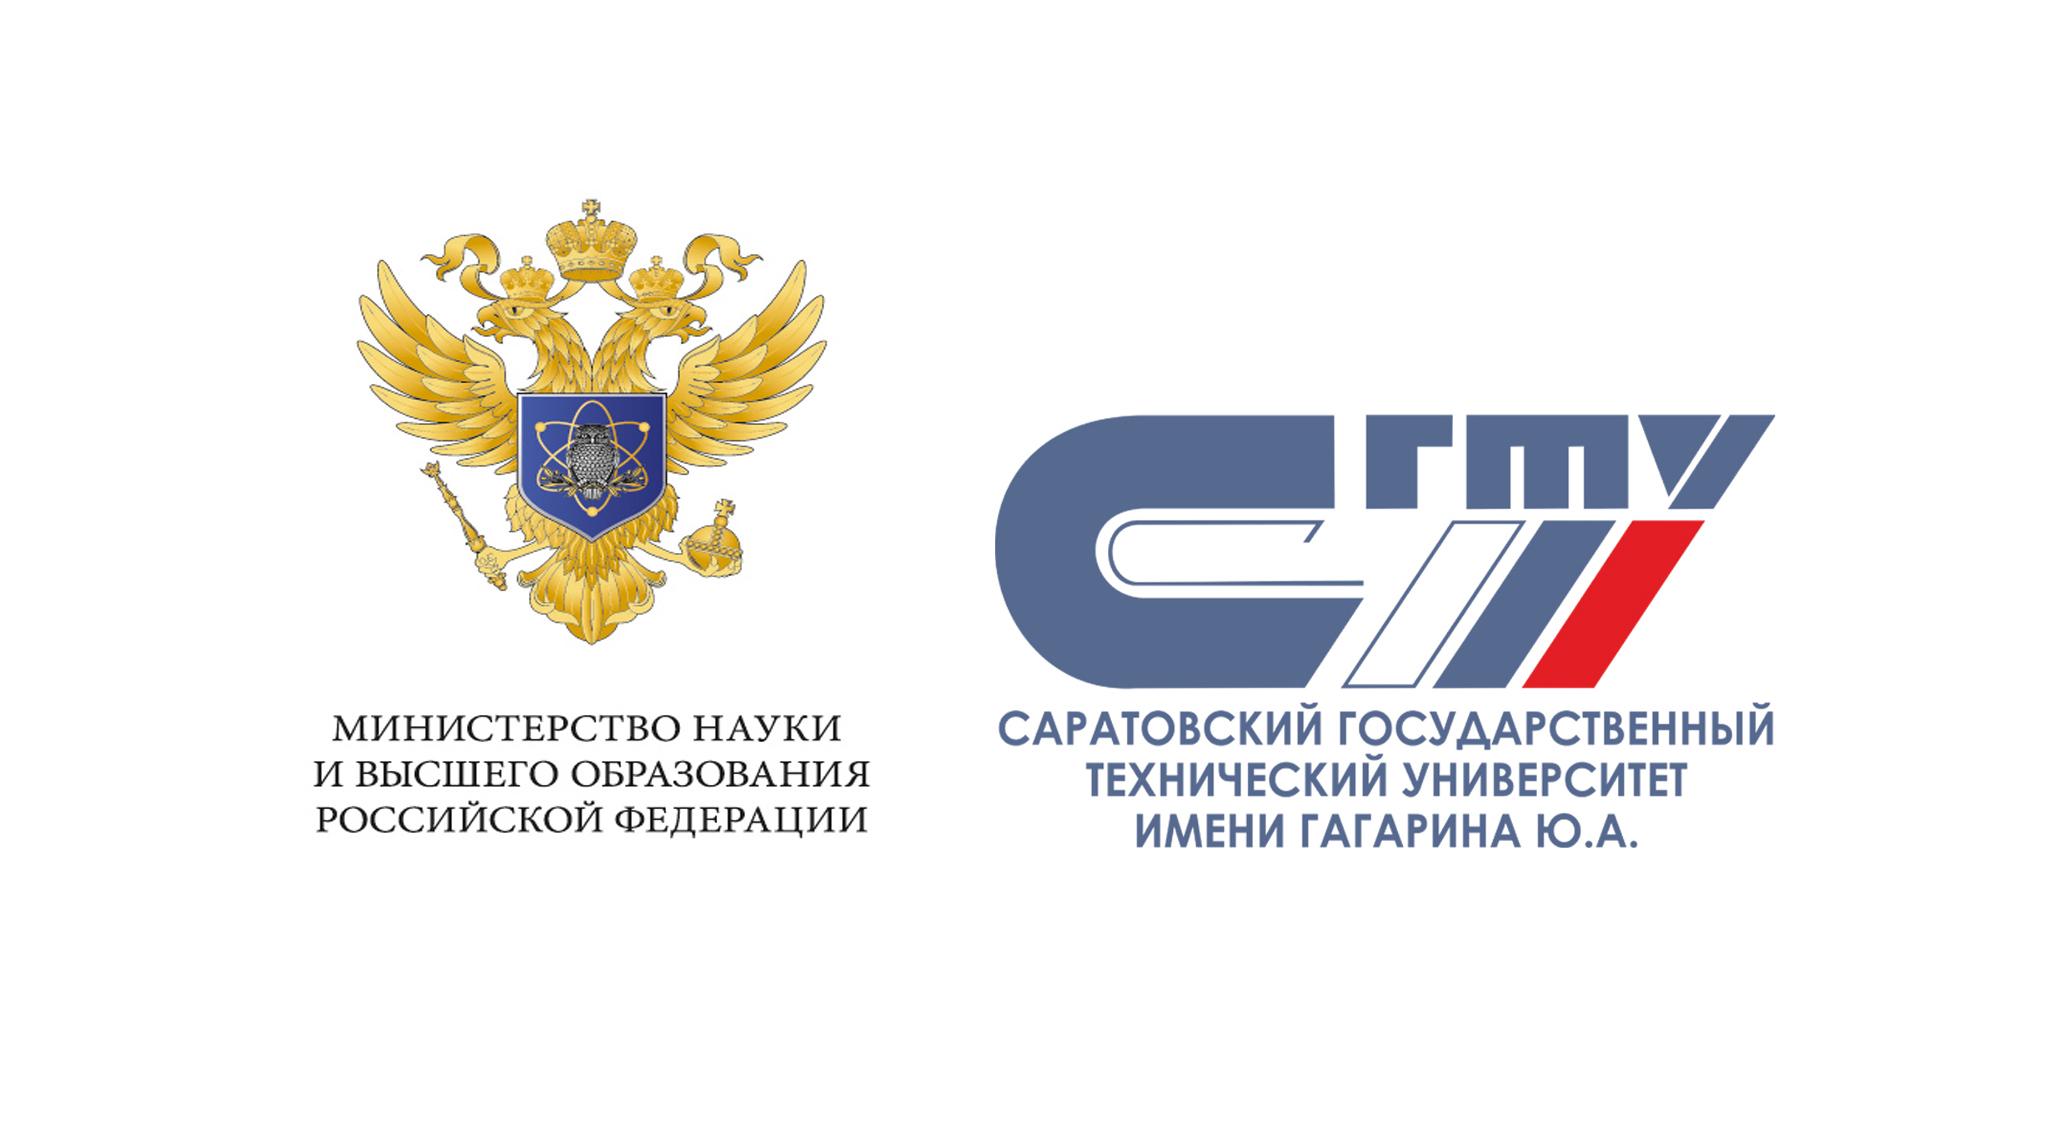 Новые возможности для каждого: СГТУ получил второй по объему грант в рамках национального проекта